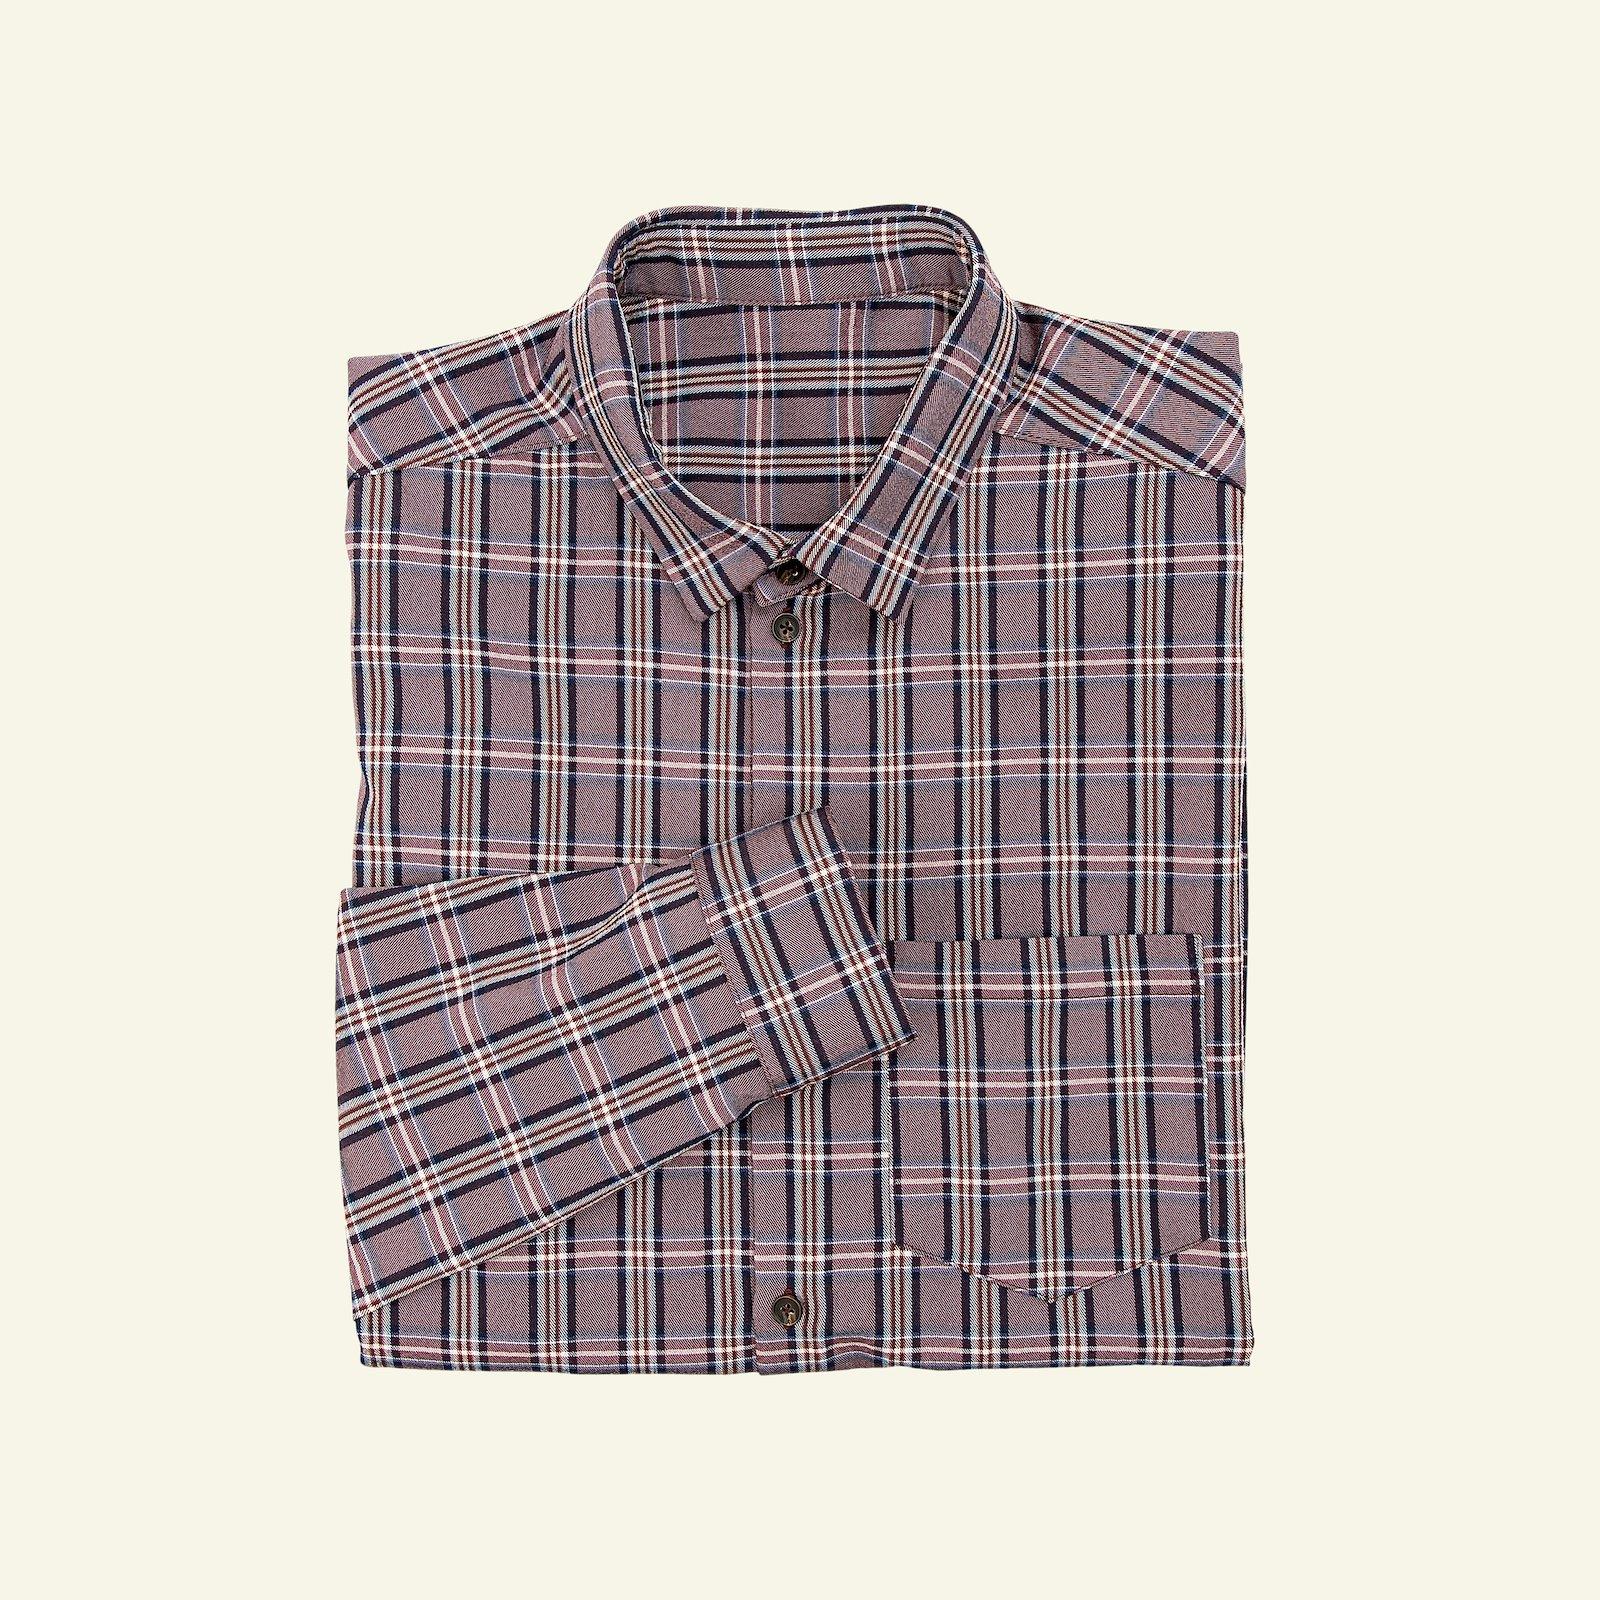 Shirt, XXL p87001_300219_40332_sskit